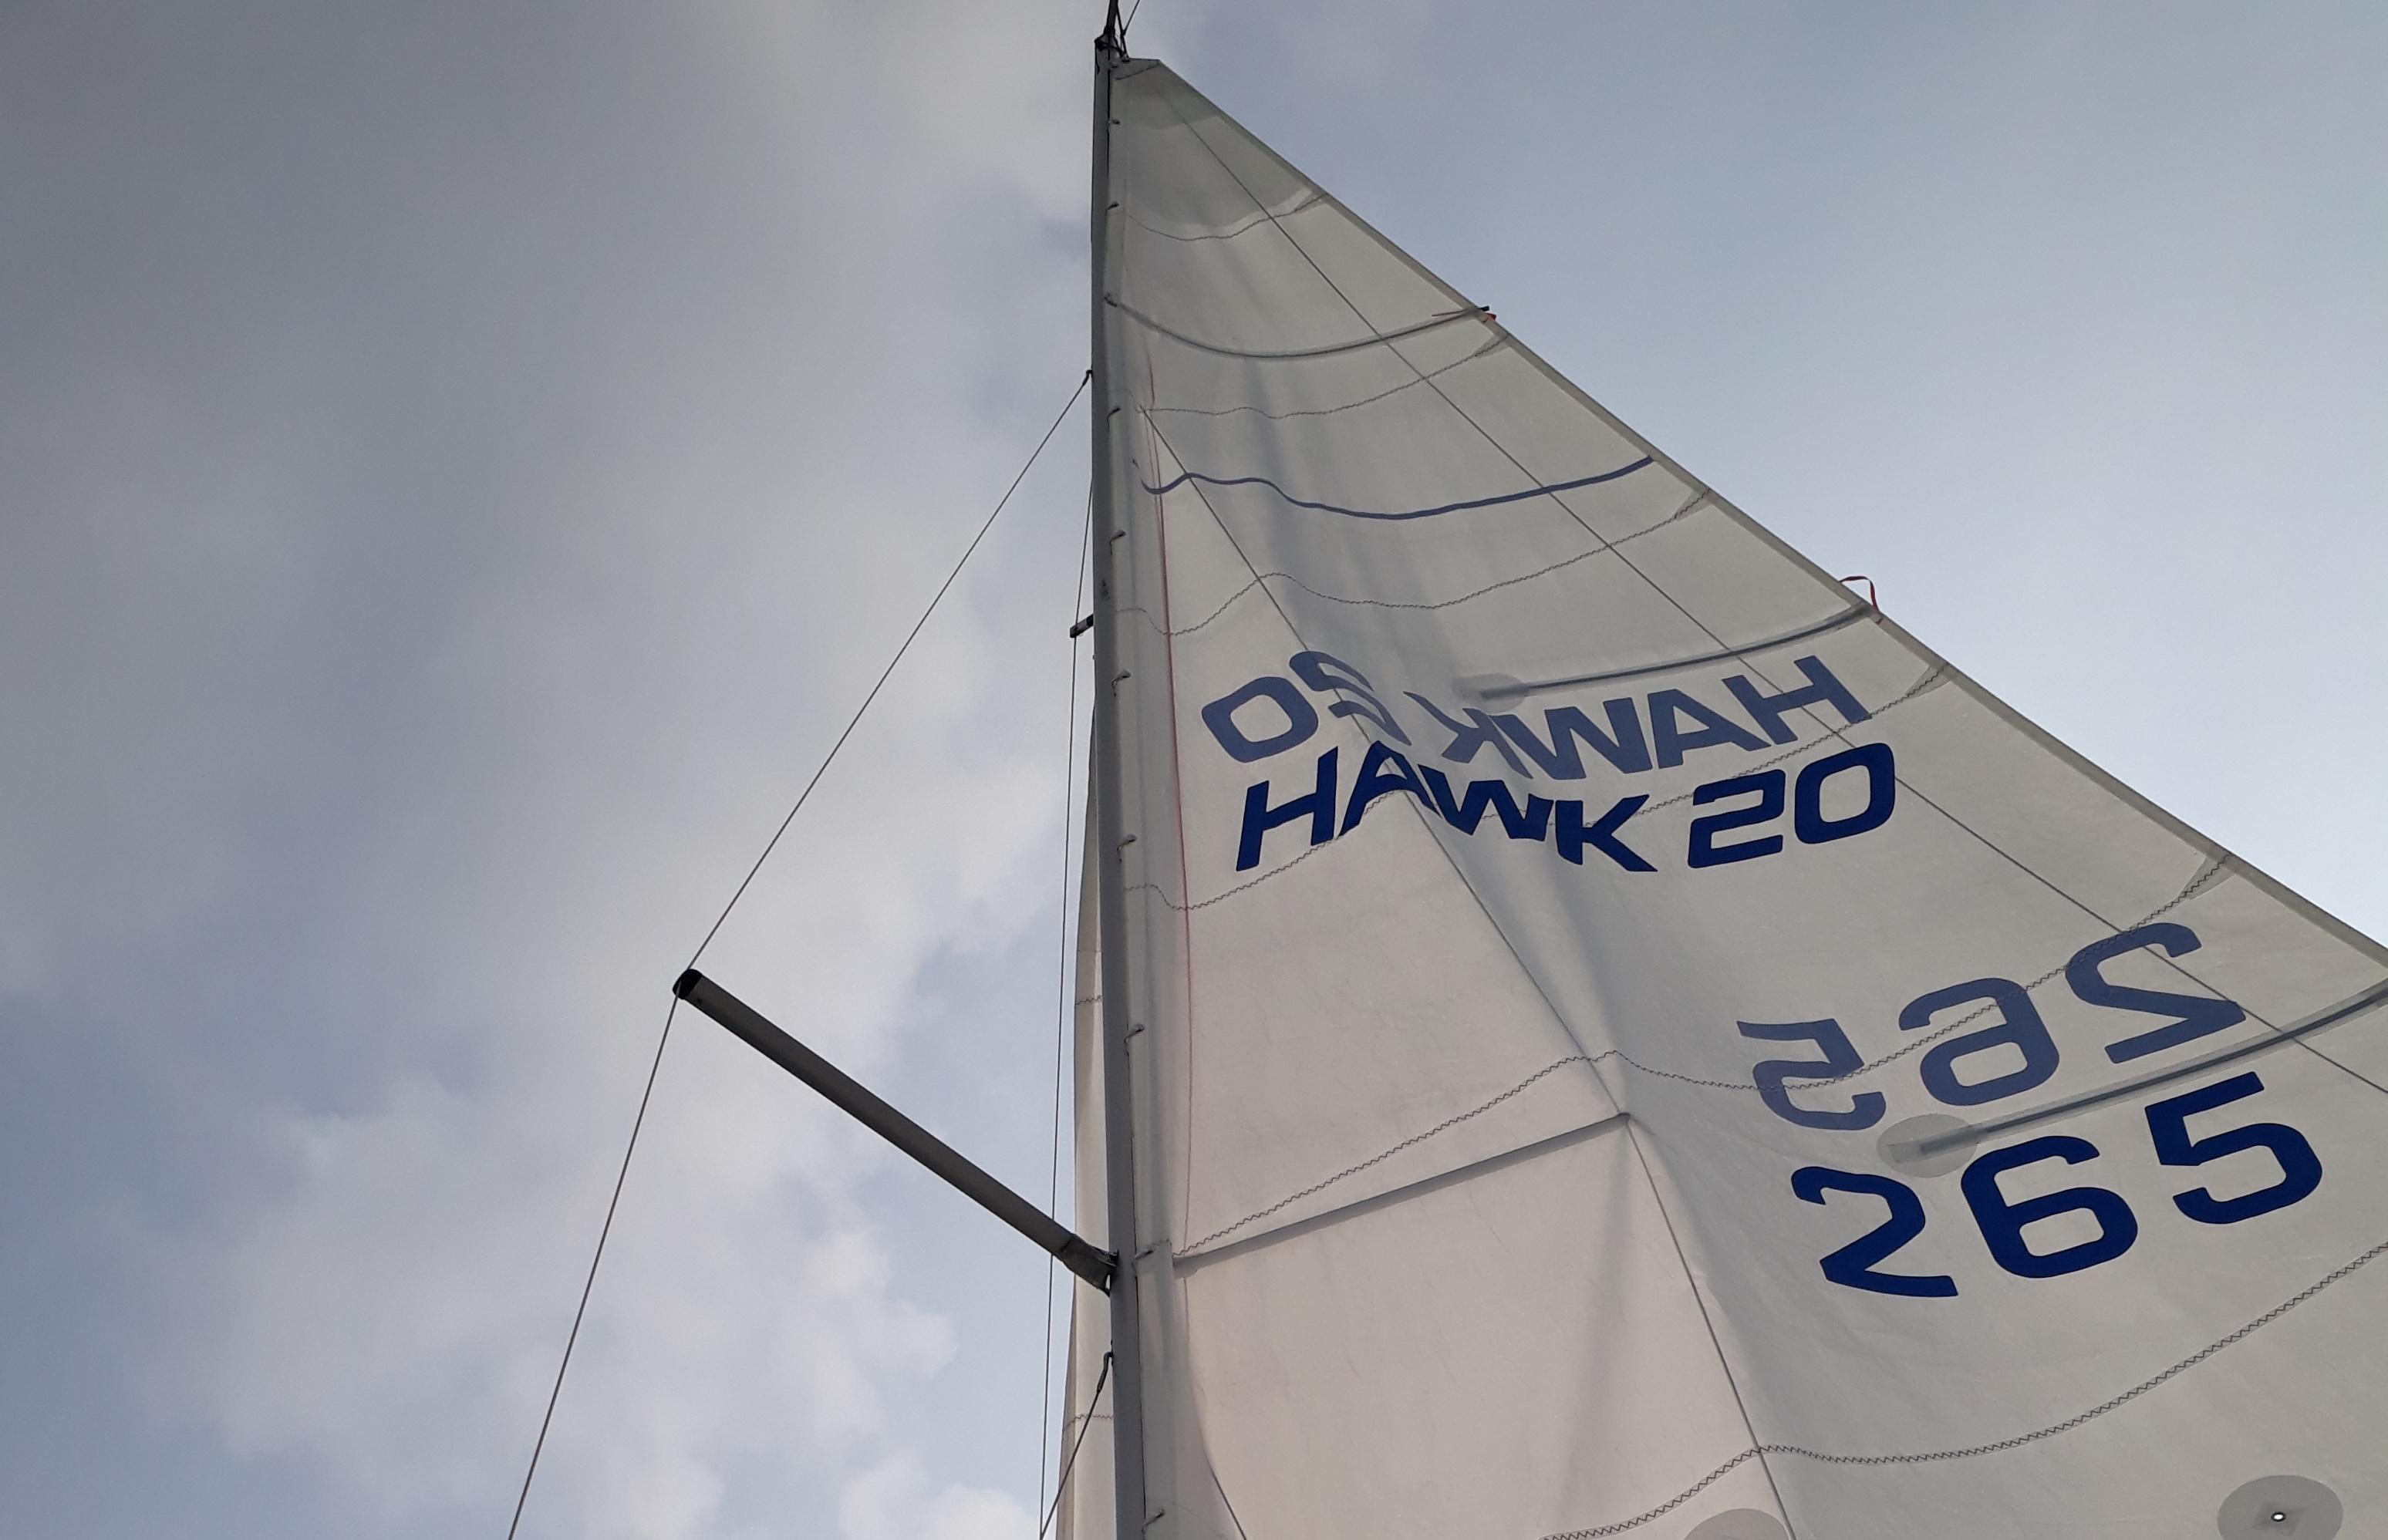 hawk 20 Mylor sailability